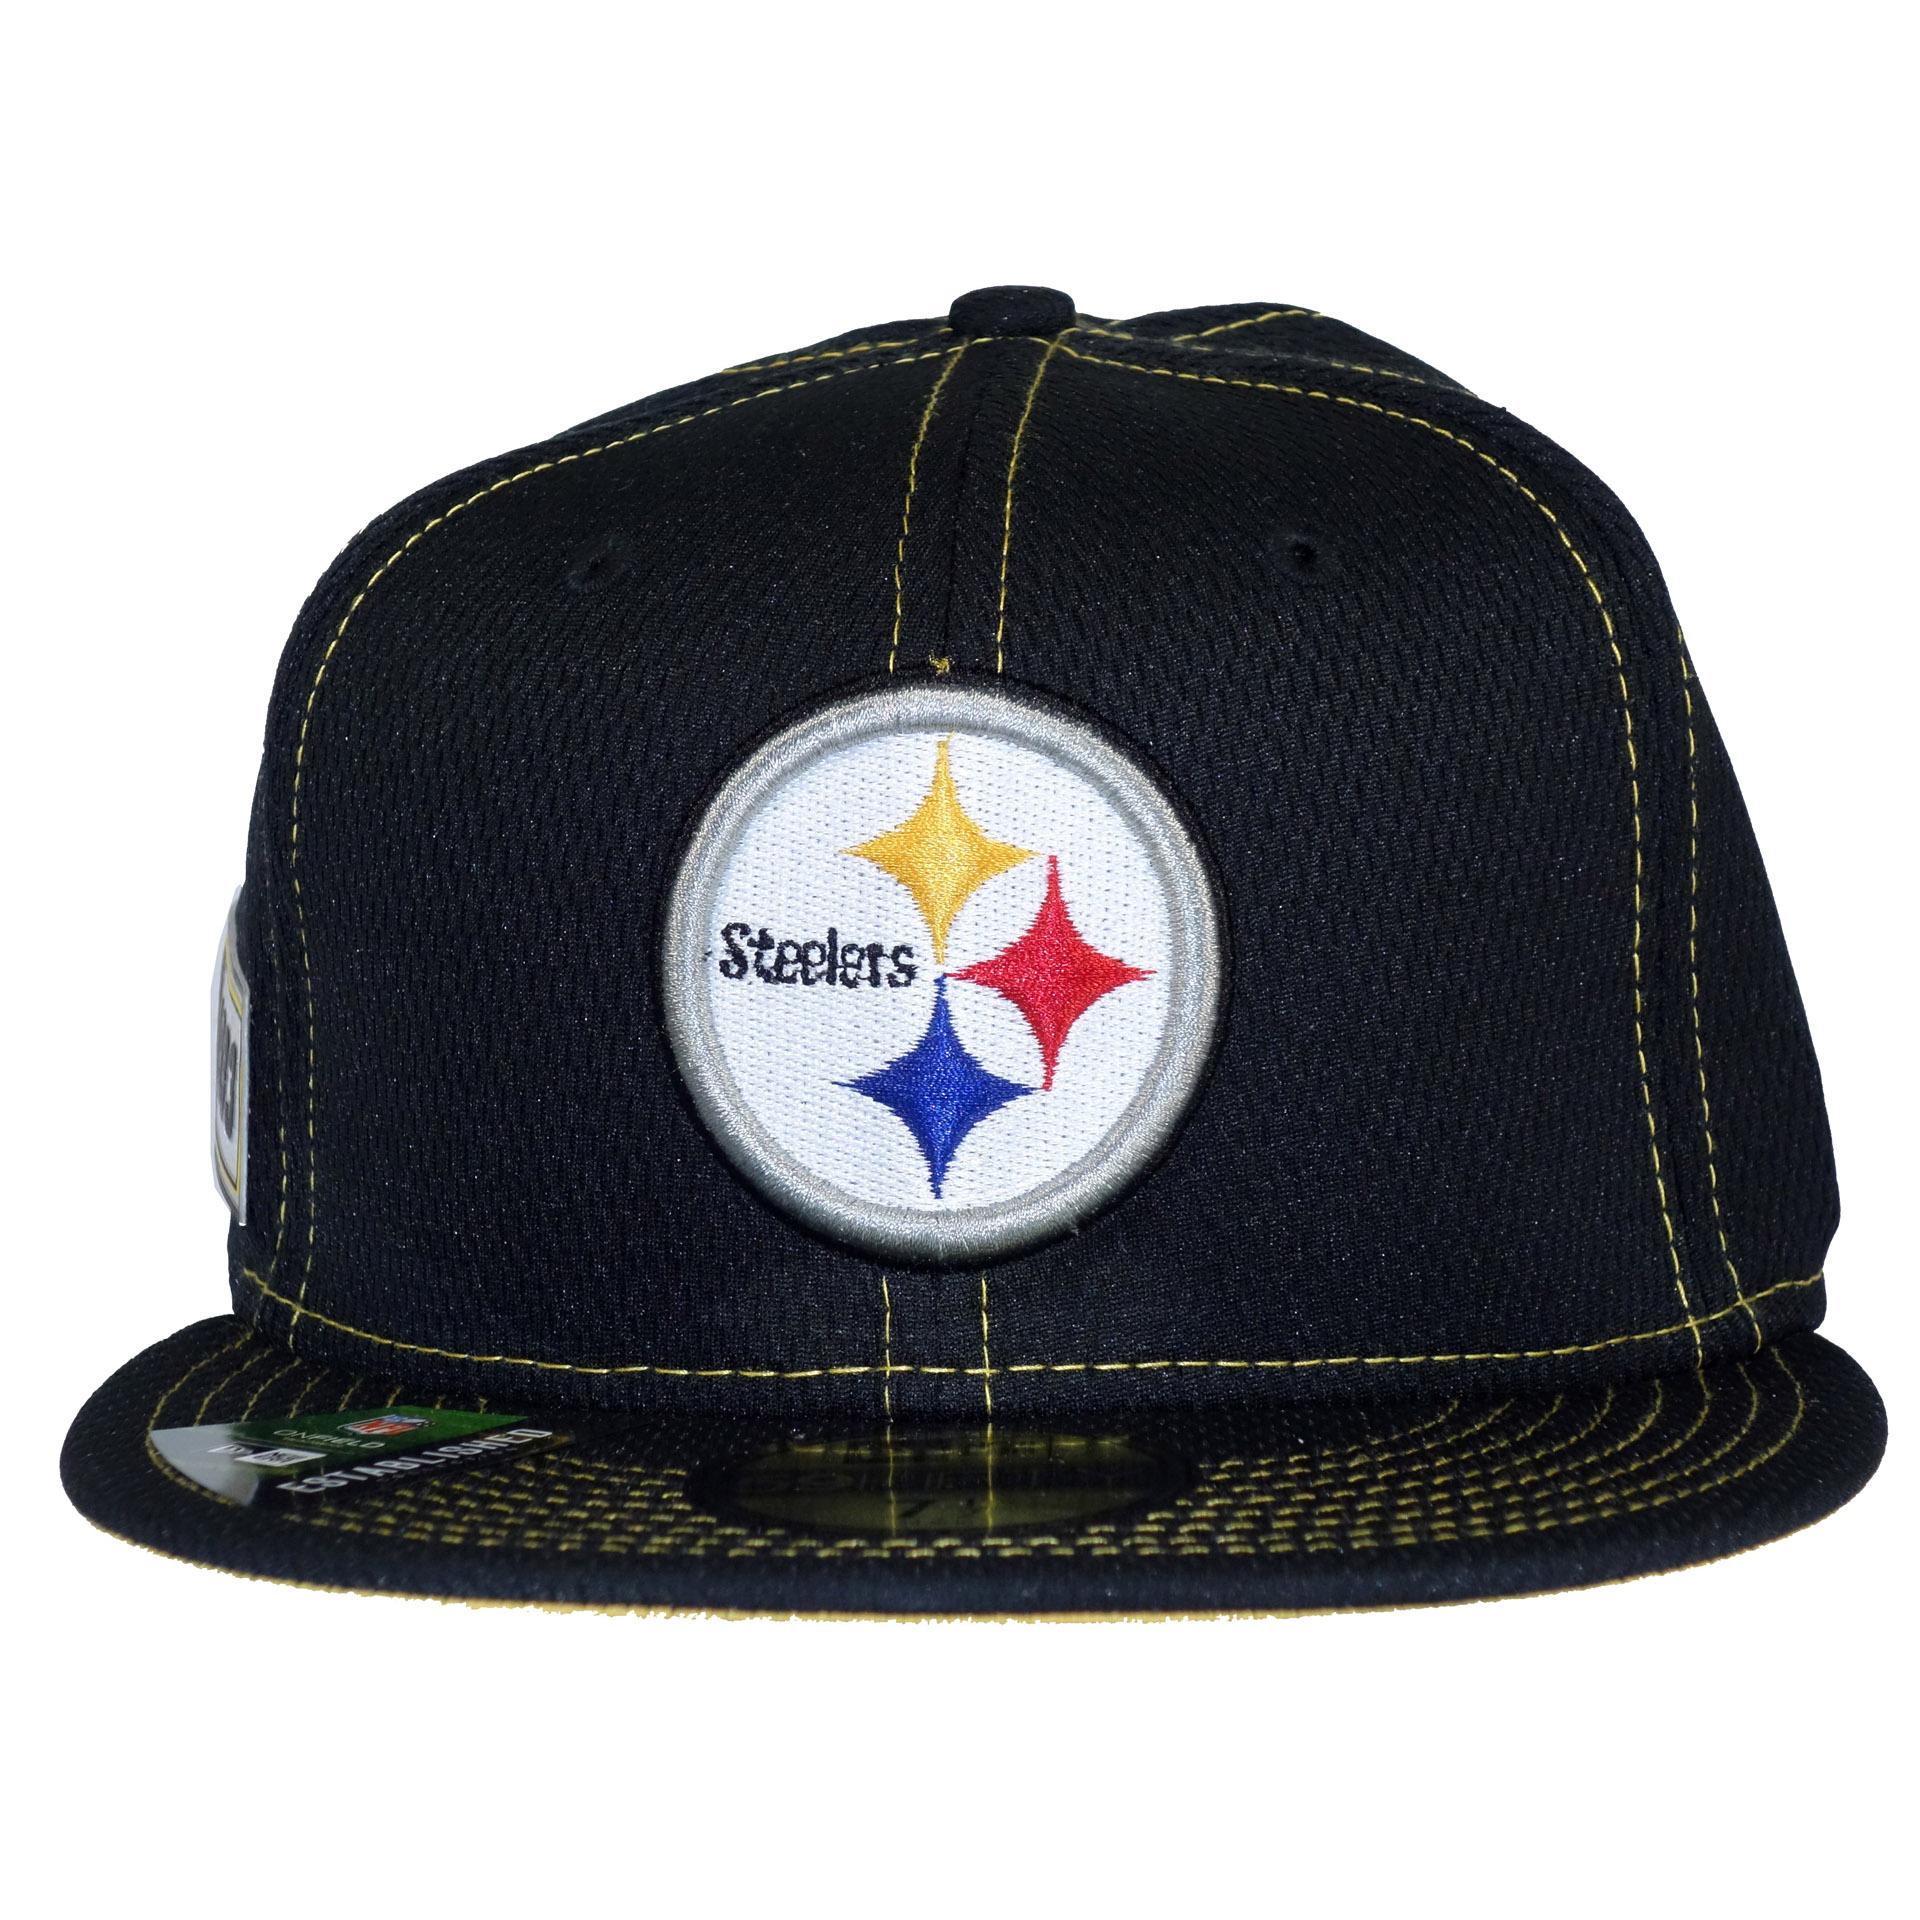 NFL New Era Cap Pittsburgh Steelers